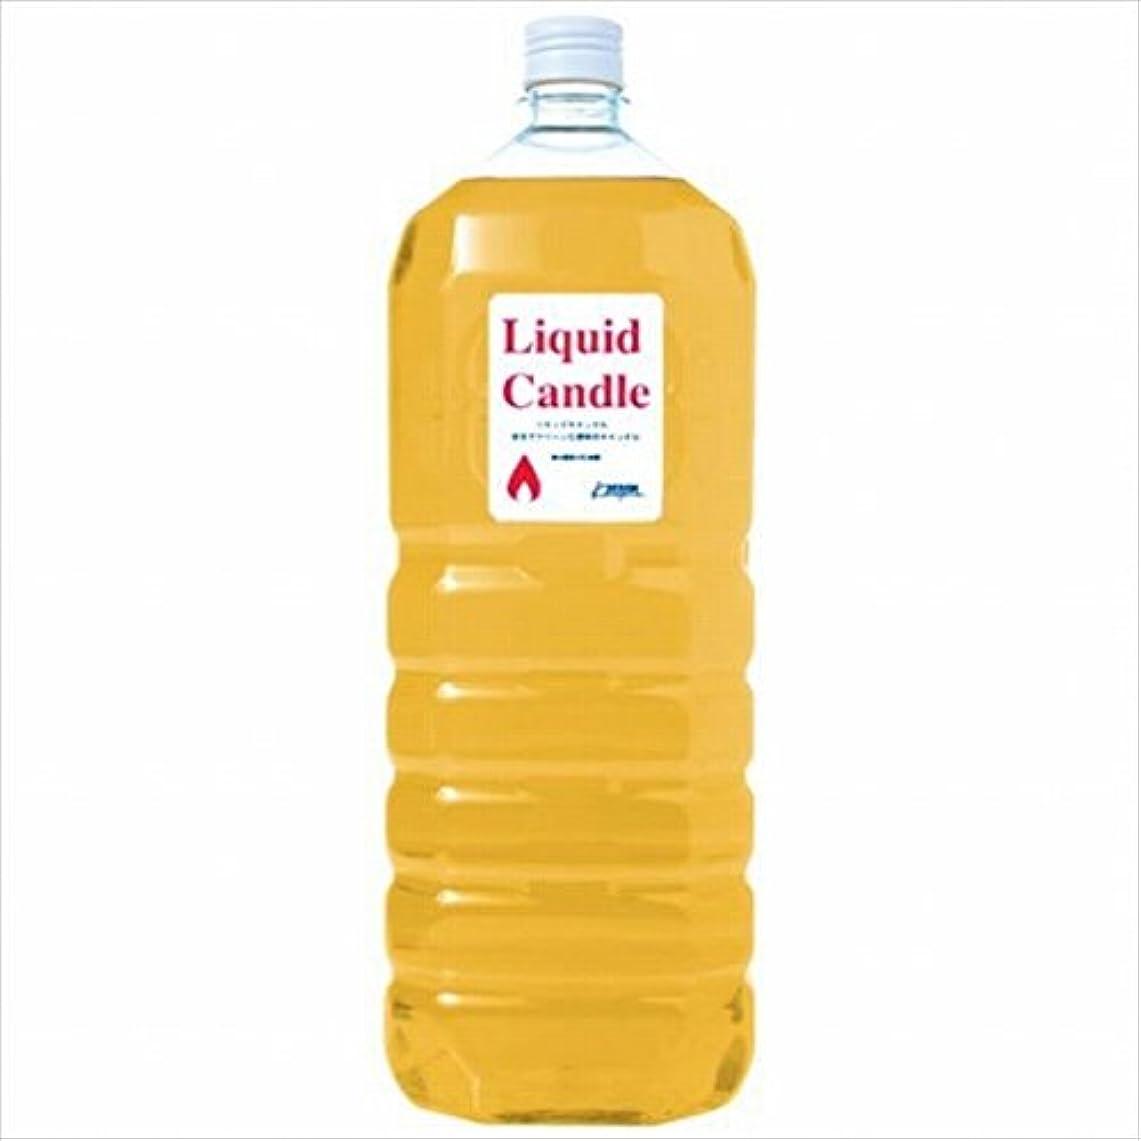 辛い頭シンプトンカメヤマキャンドル(kameyama candle) リキッドキャンドル2リットル 「 イエロー 」